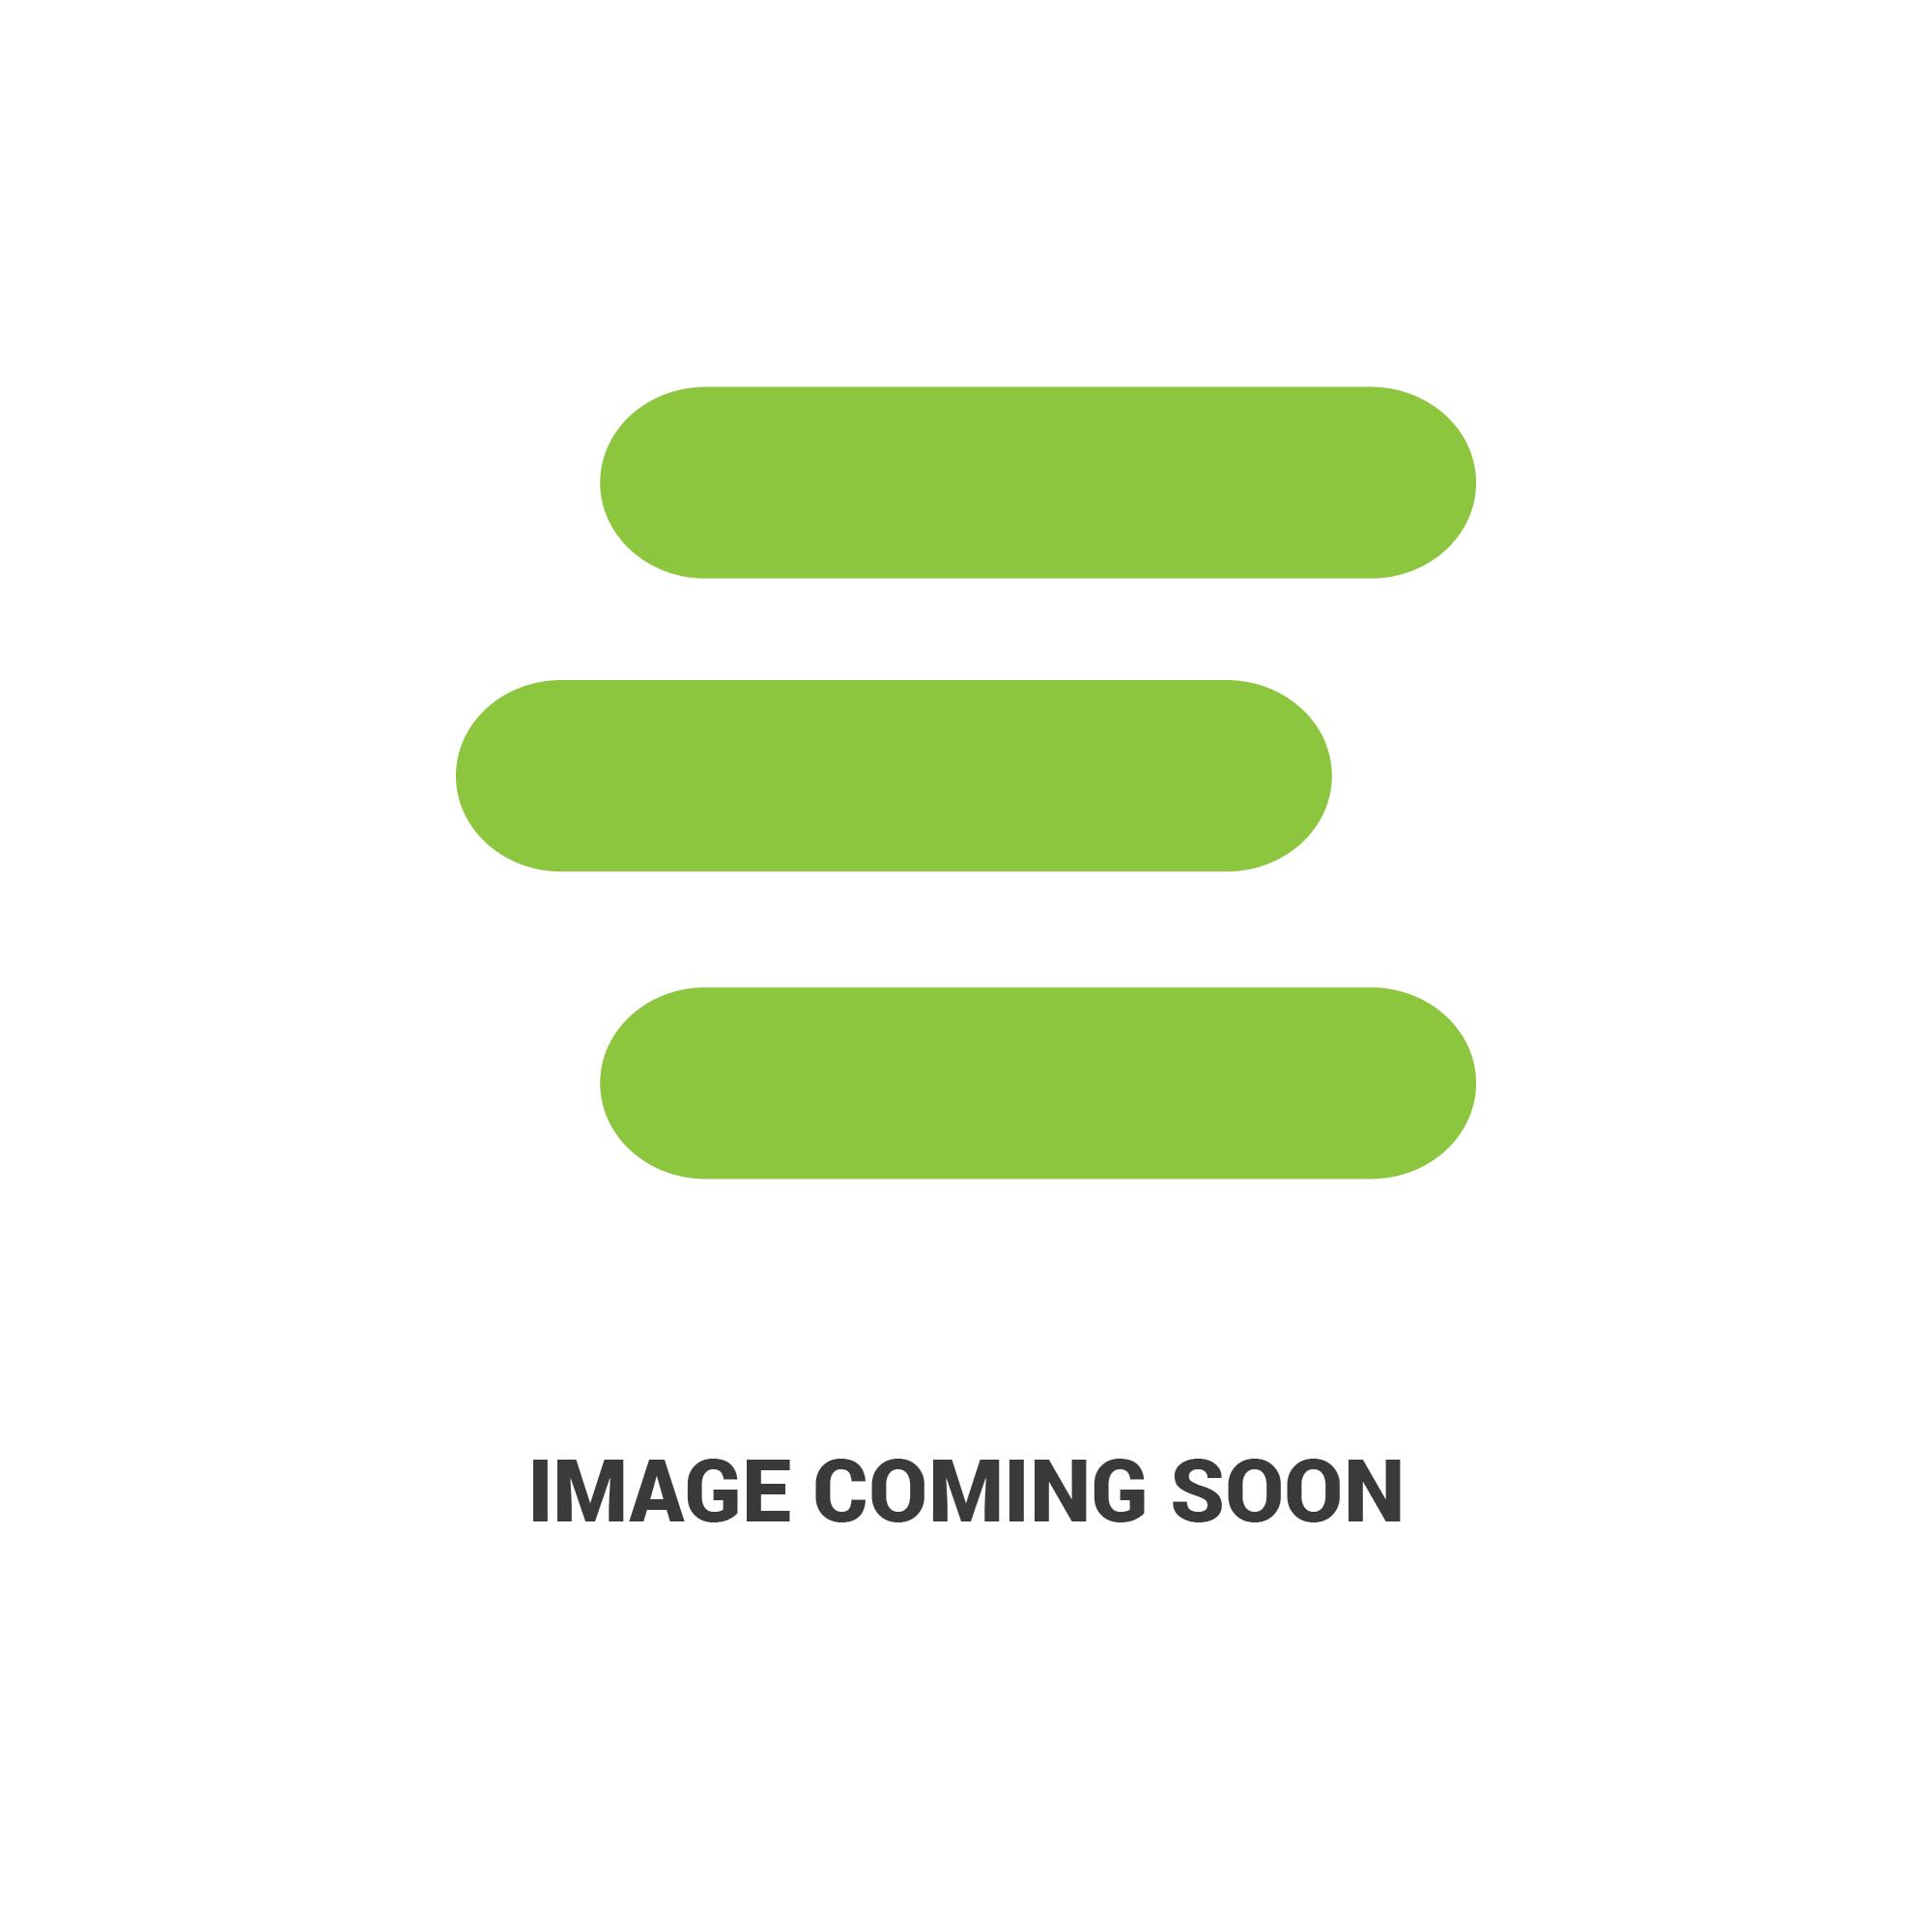 E-6A320-56220edit 1.jpg